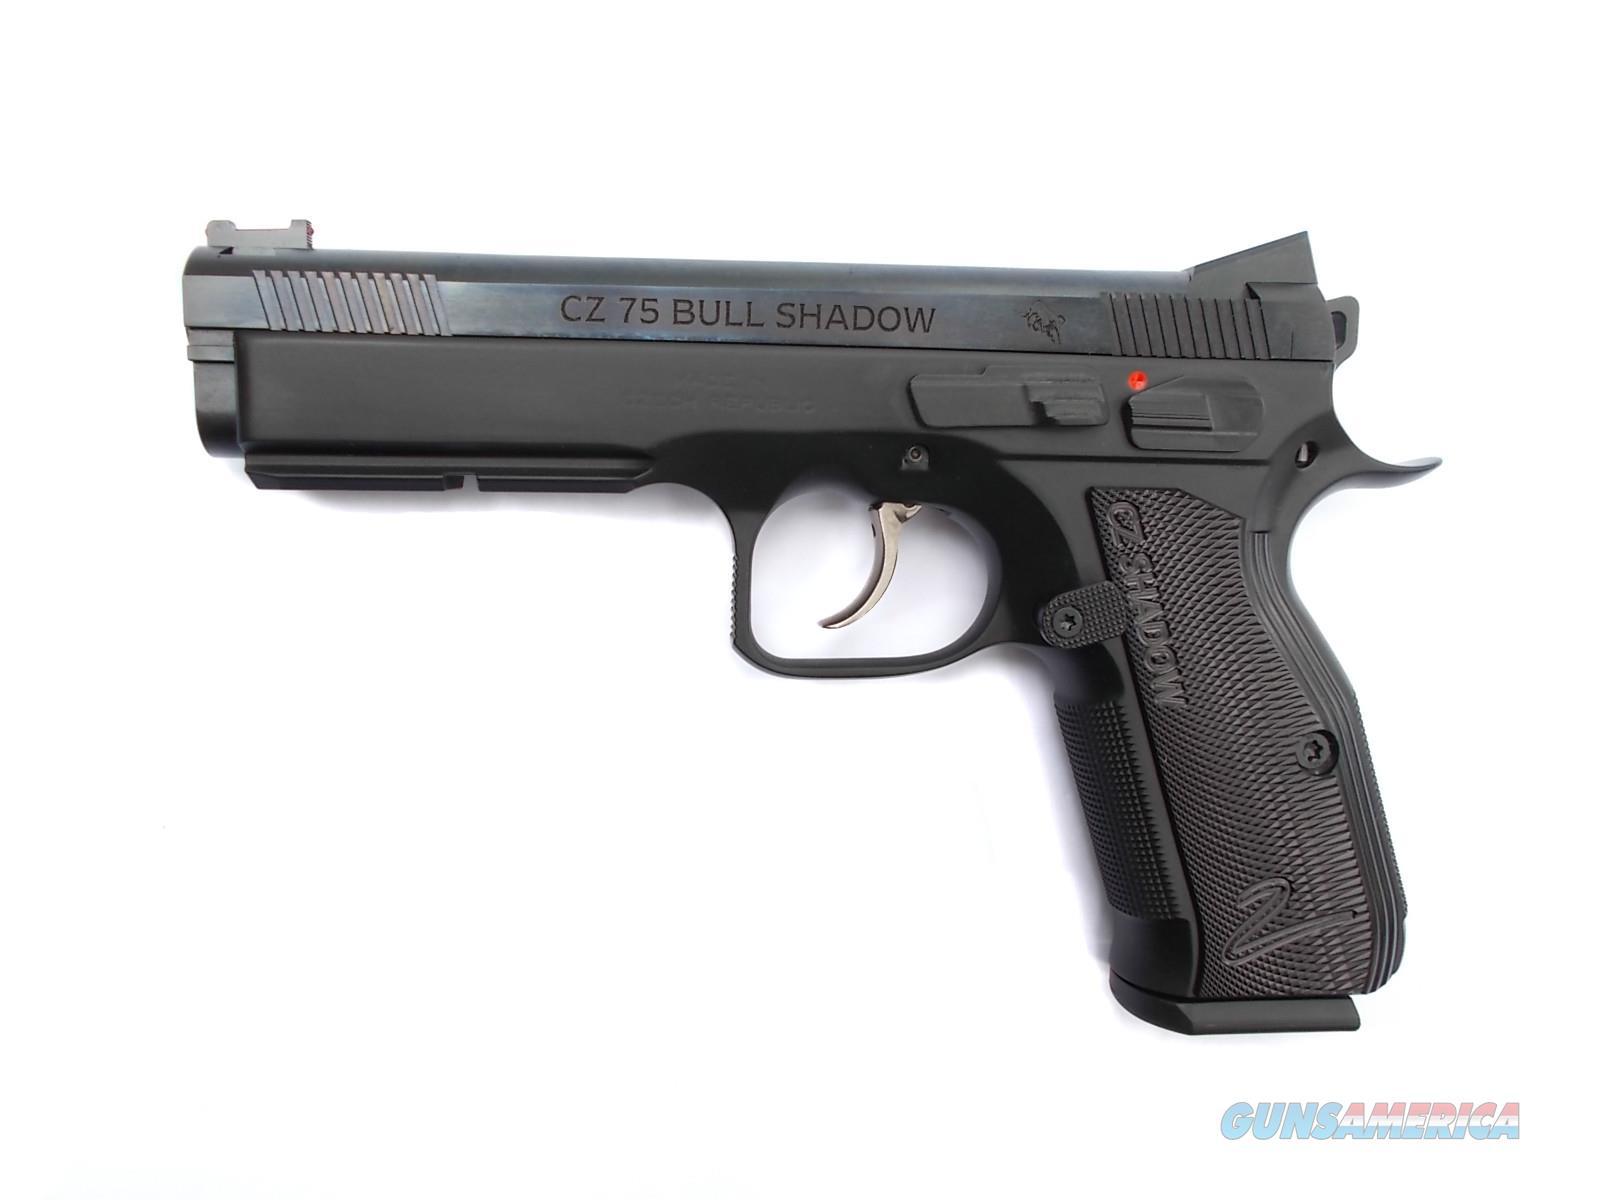 CZ Custom Bull Shadow 2 CZC 9mm Bull Barrel 3 - 17 Rd Mags 91733 *NEW*  Guns > Pistols > CZ Pistols